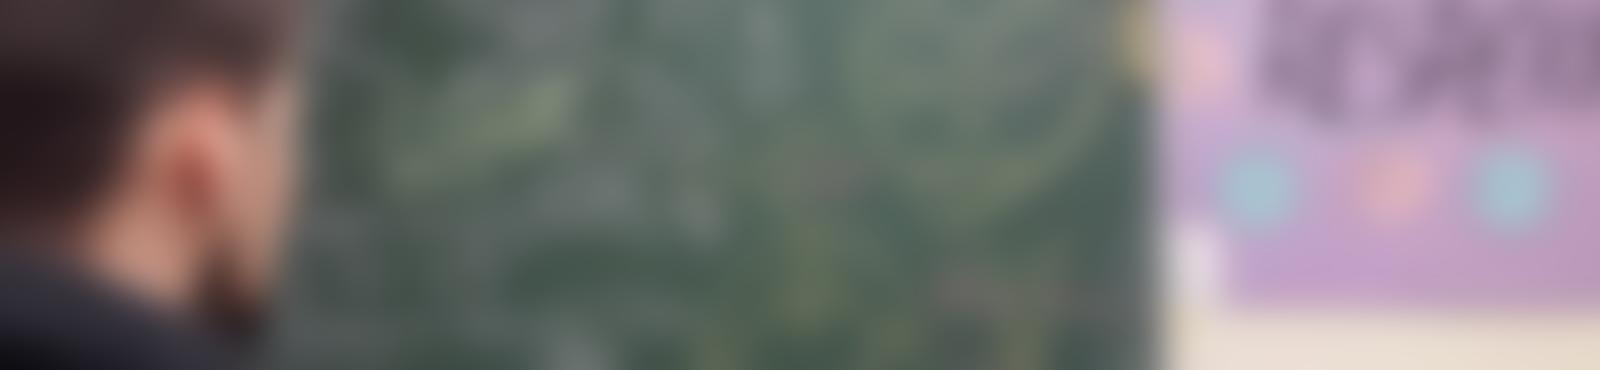 Blurred 163ecc9b f584 404f be2f e0dd81e08ce5